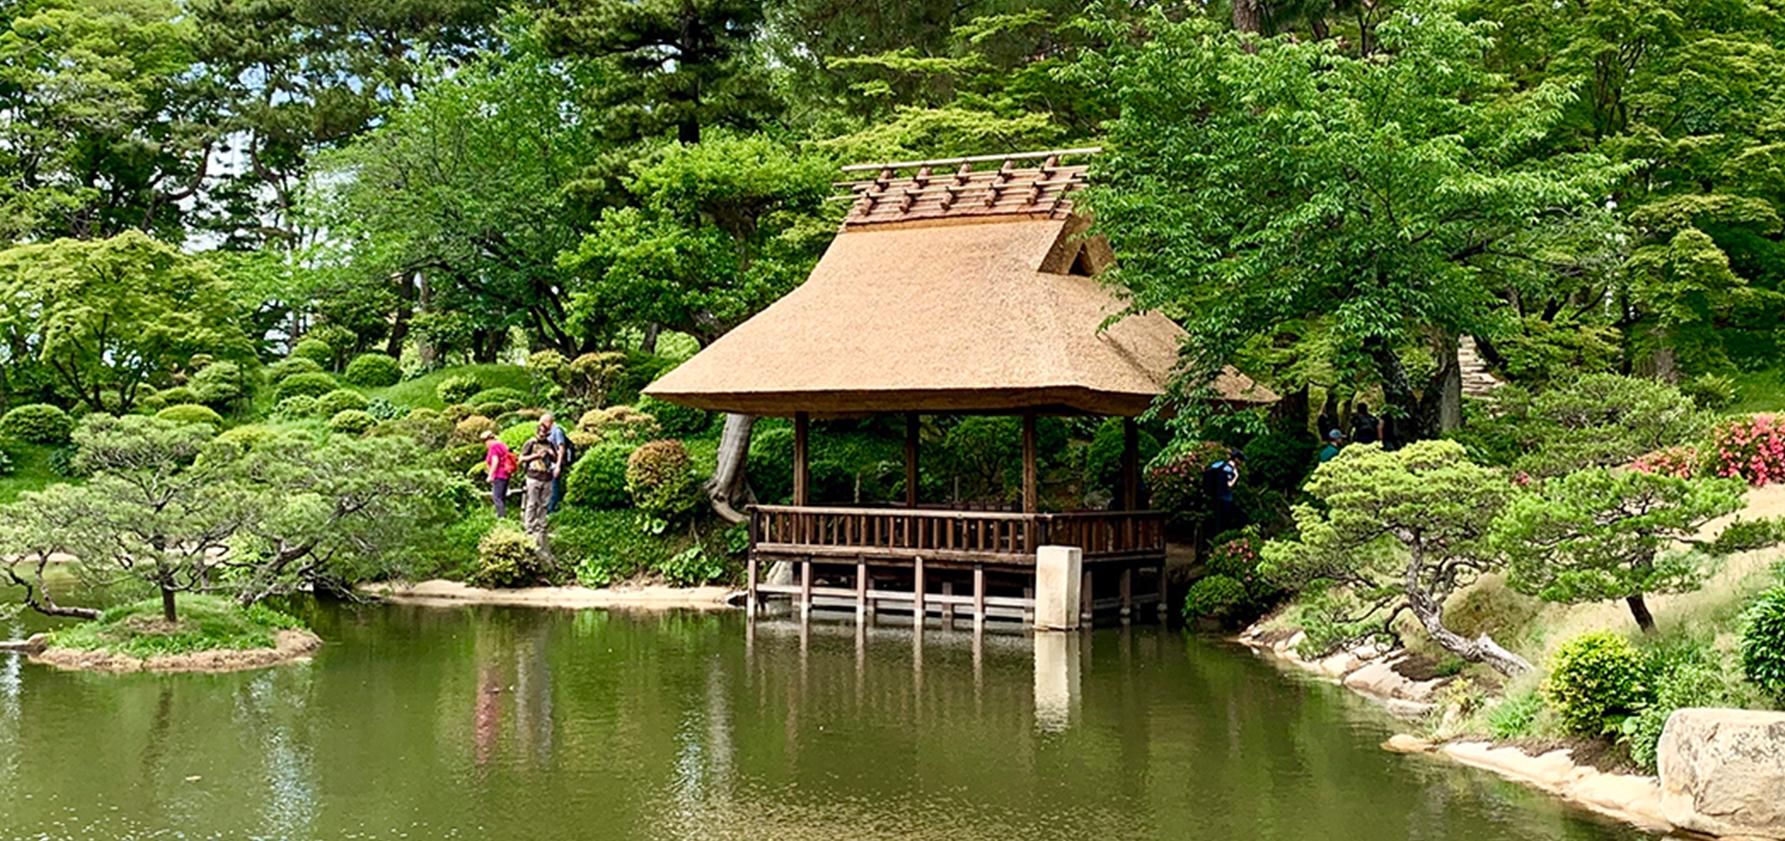 Pond in Japan